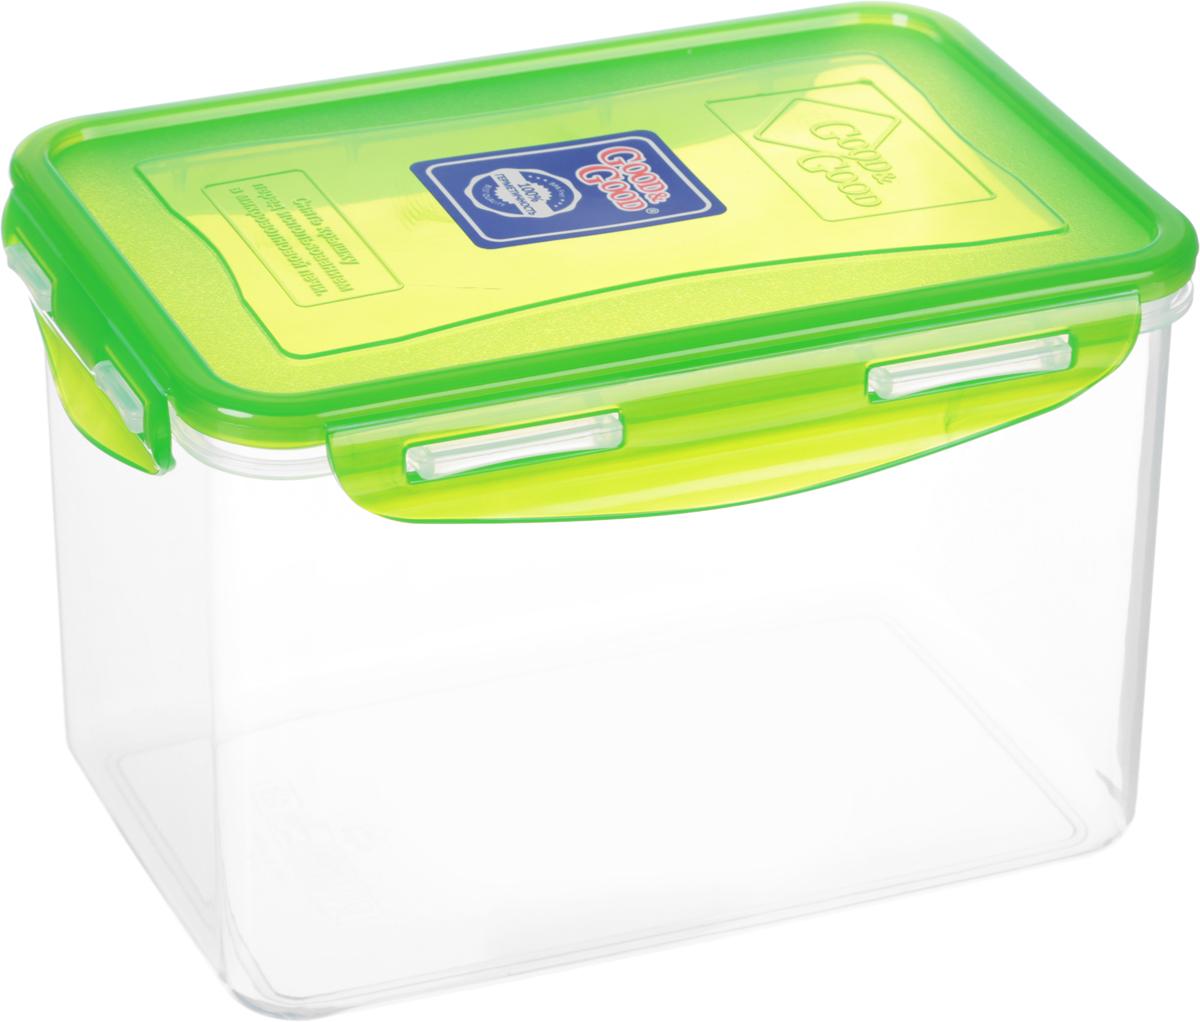 Контейнер пищевой Good&Good, цвет: прозрачный, зеленый, 2,2 л игрушка good dinosaur 62006